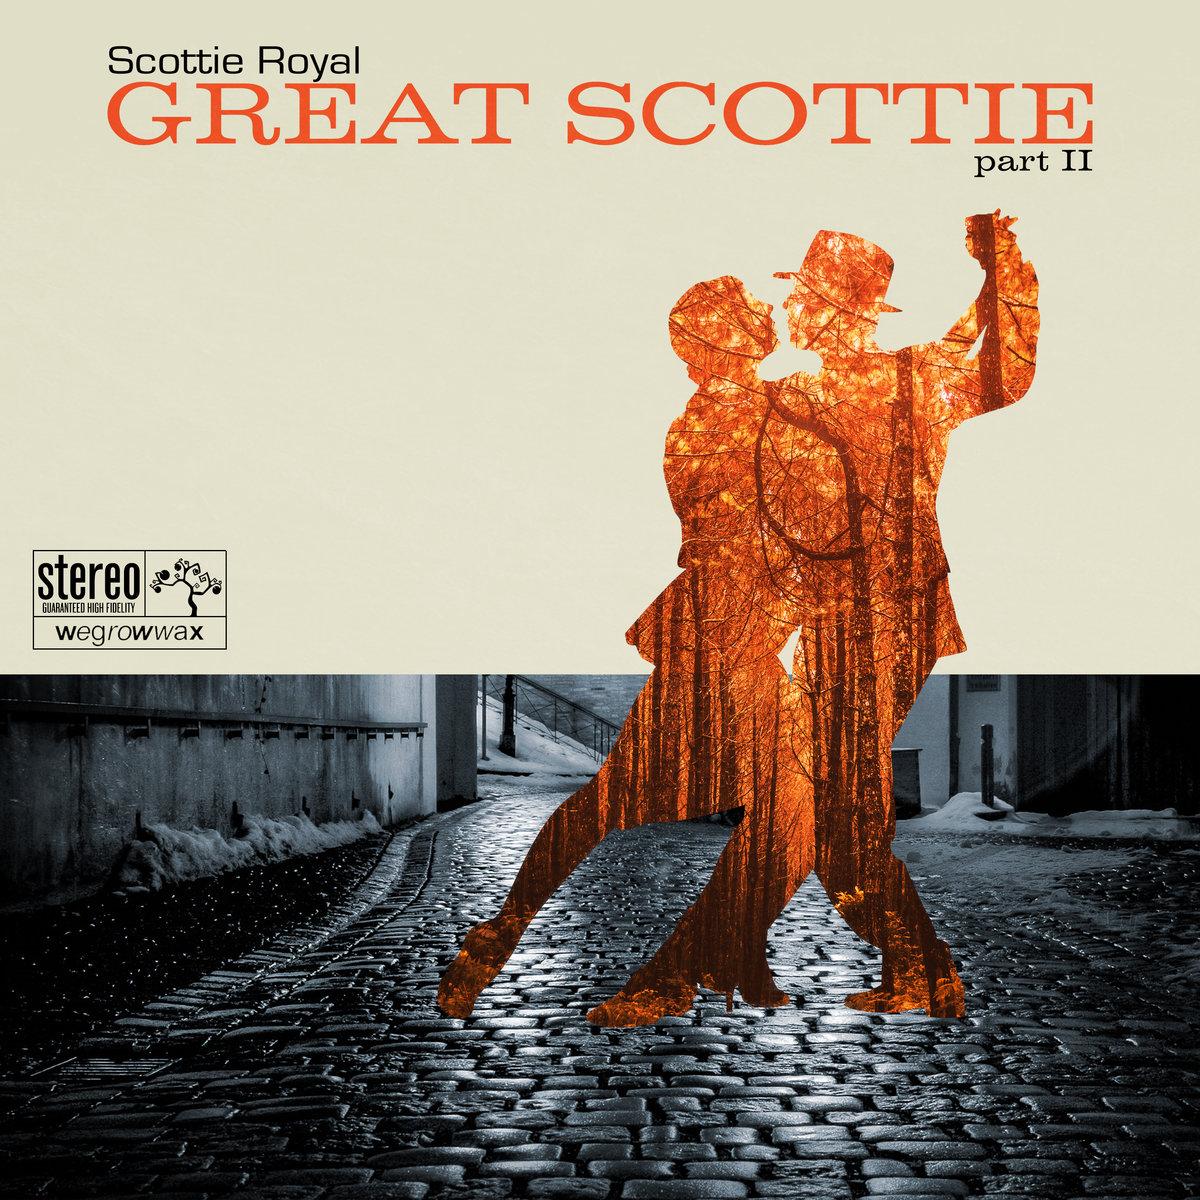 Great_scottie_part_ii_scottie_royal